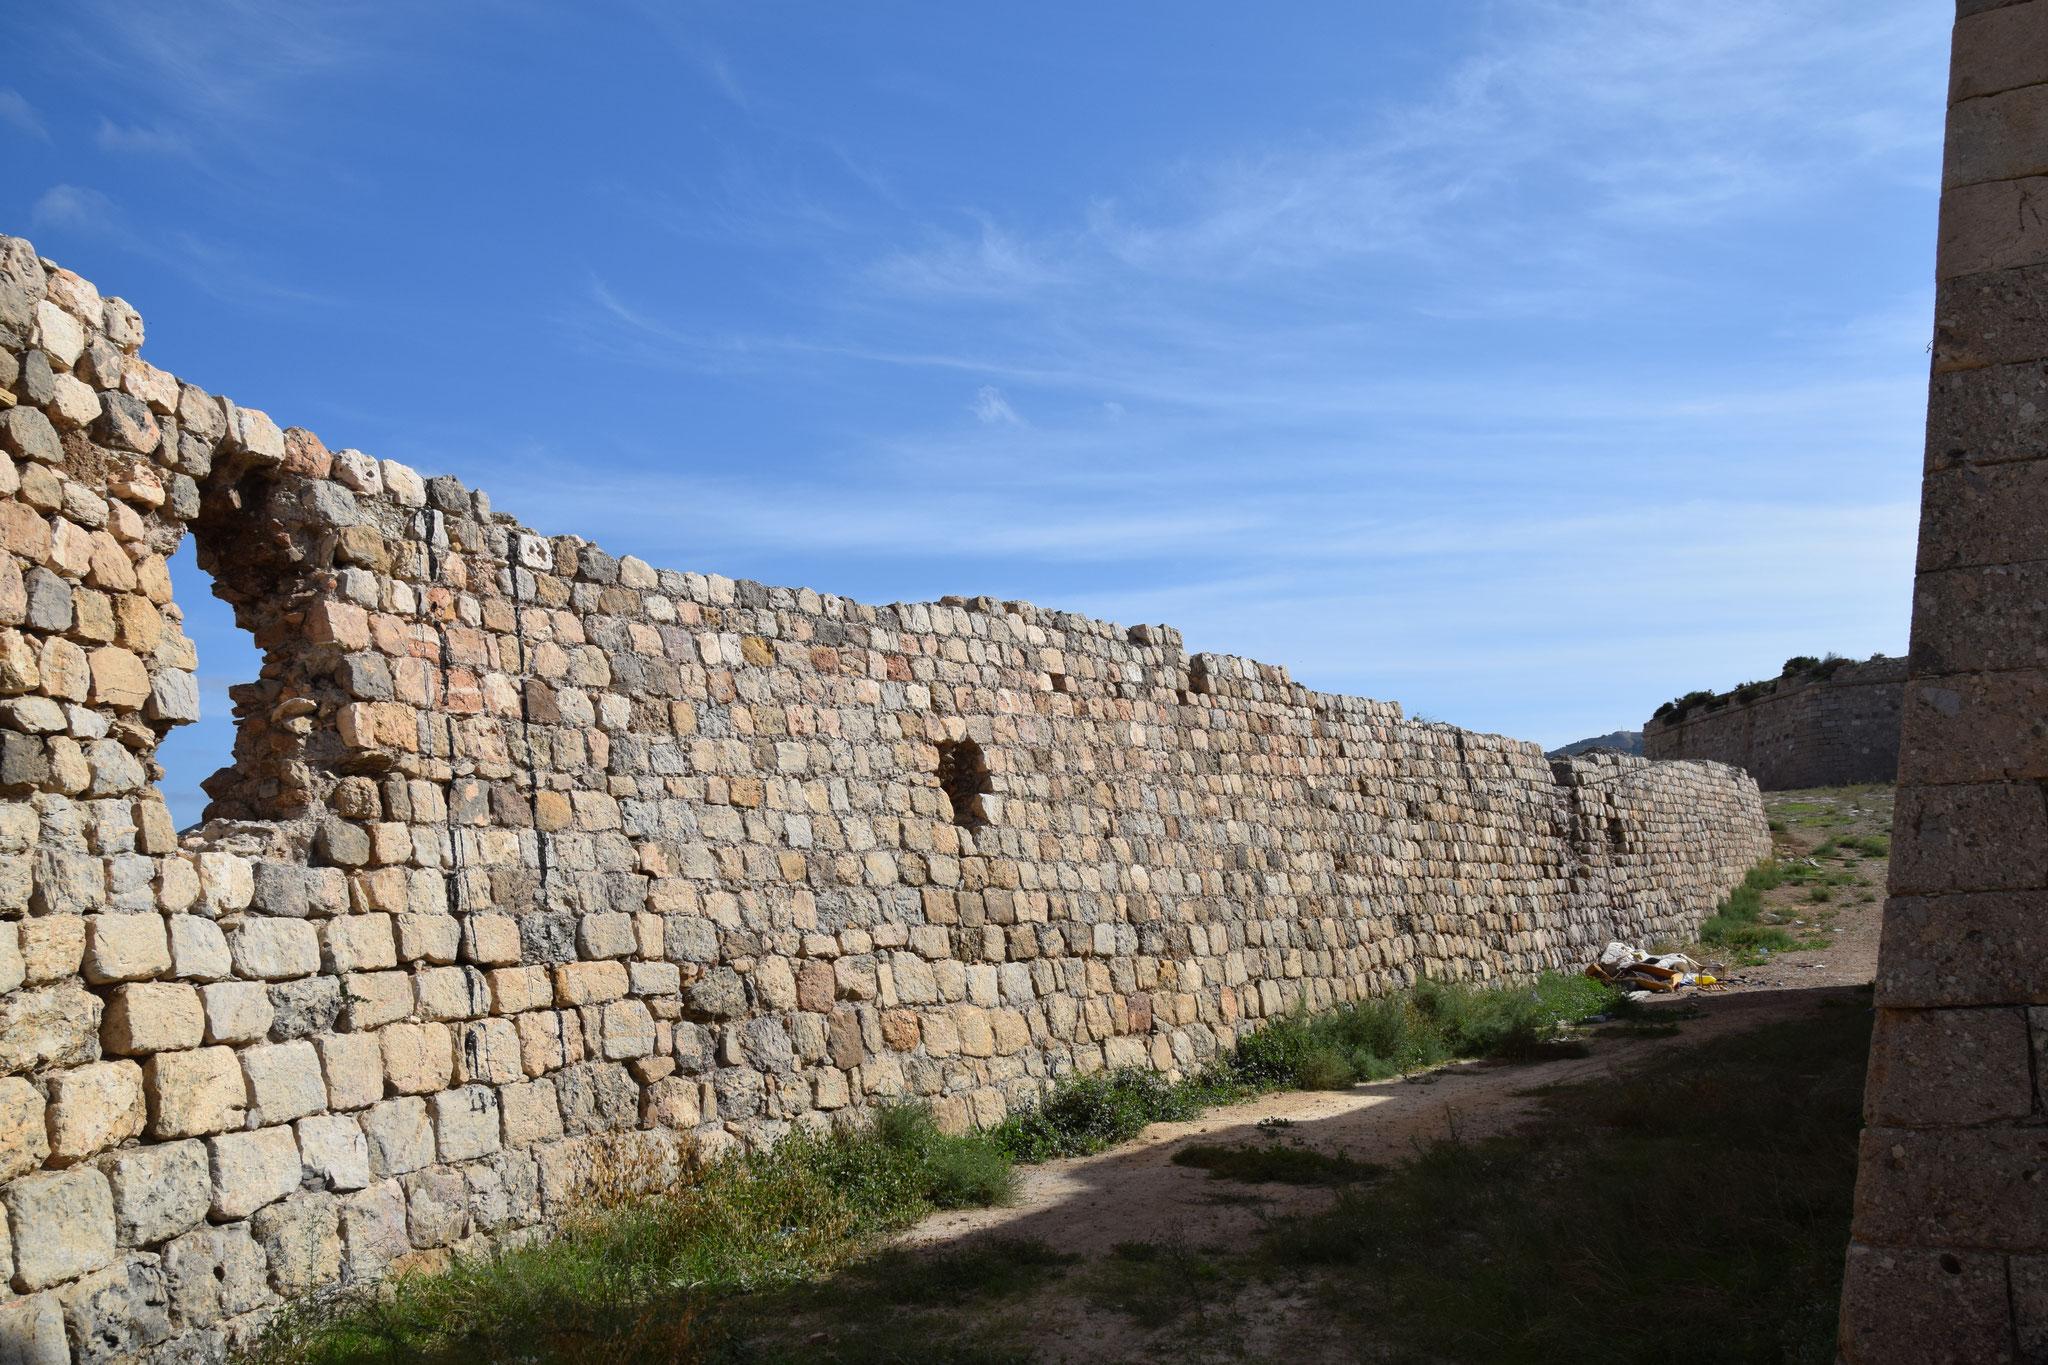 Castillo de los Moros - das Schloss der Mauren aus dem 18. Jahrhundert, eine Wehranlage